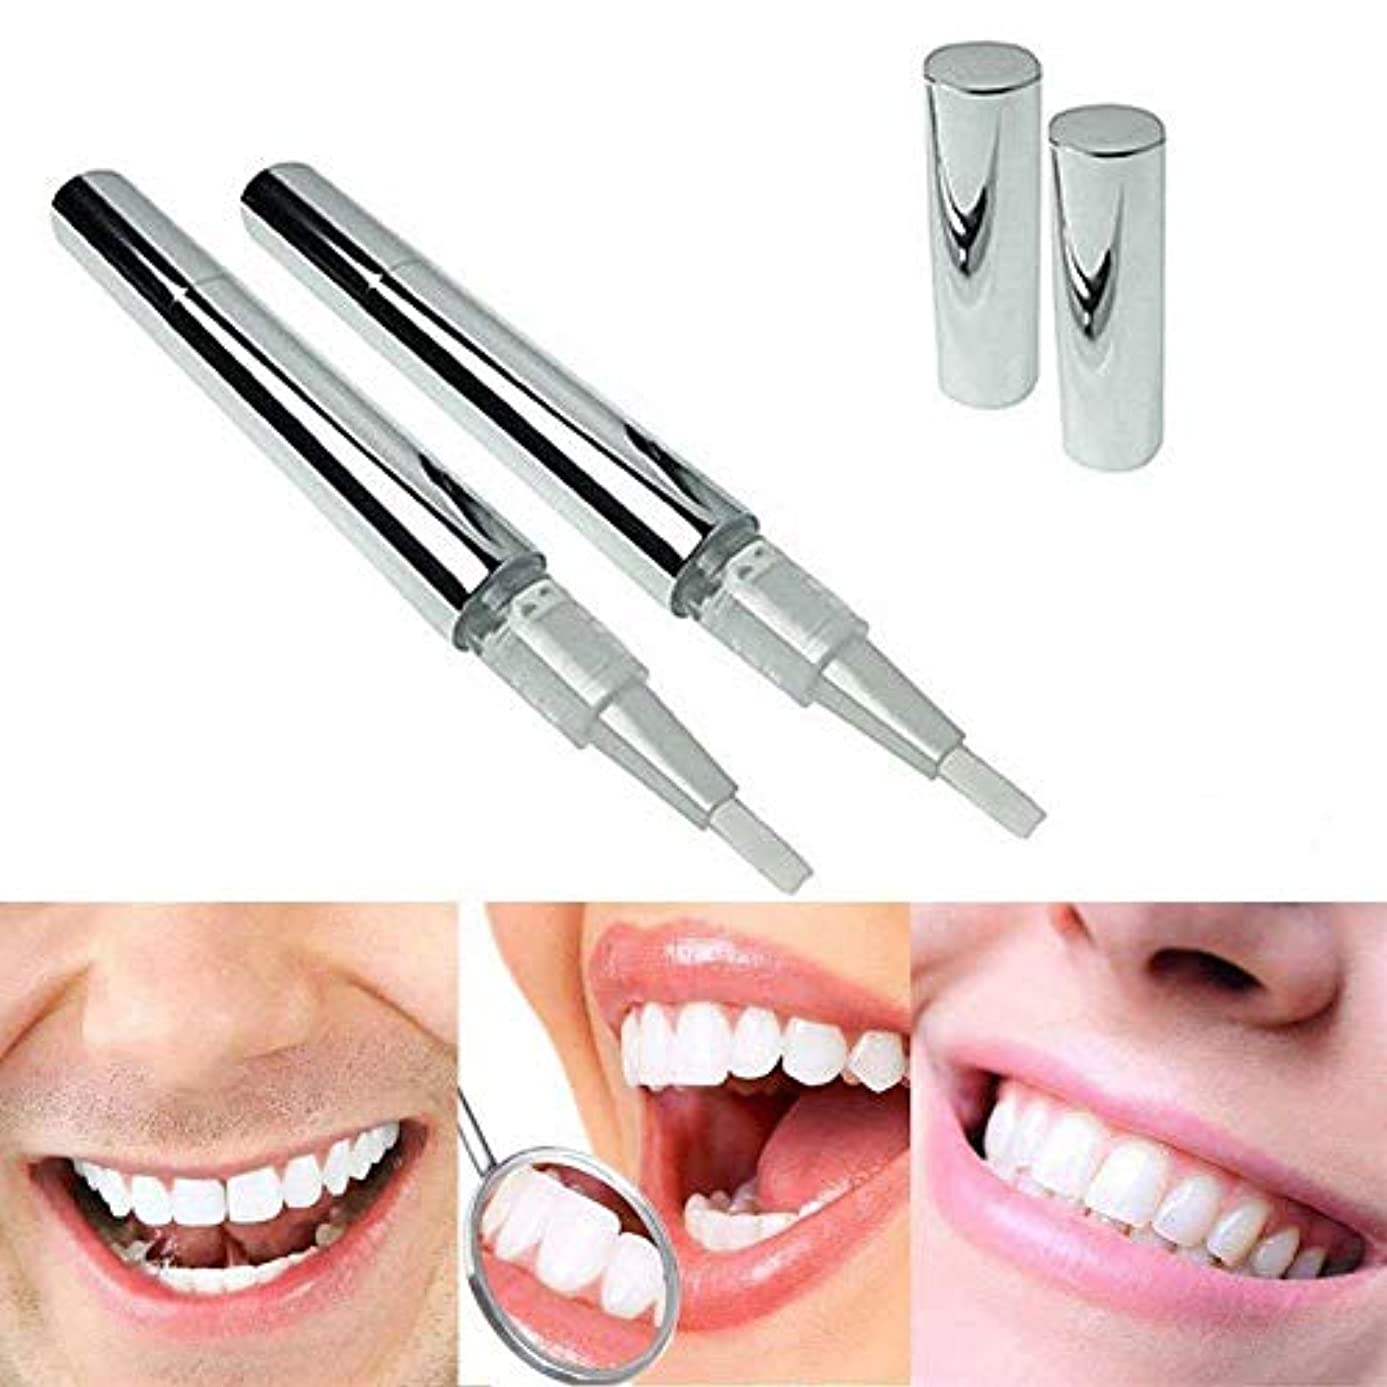 バンカー真面目な系譜MercuryGo 美白歯ゲル 歯 ホワイトニングペン ホワイトニングペン 歯ブラシ 輝く笑顔 口臭防止 歯周病防止 2本